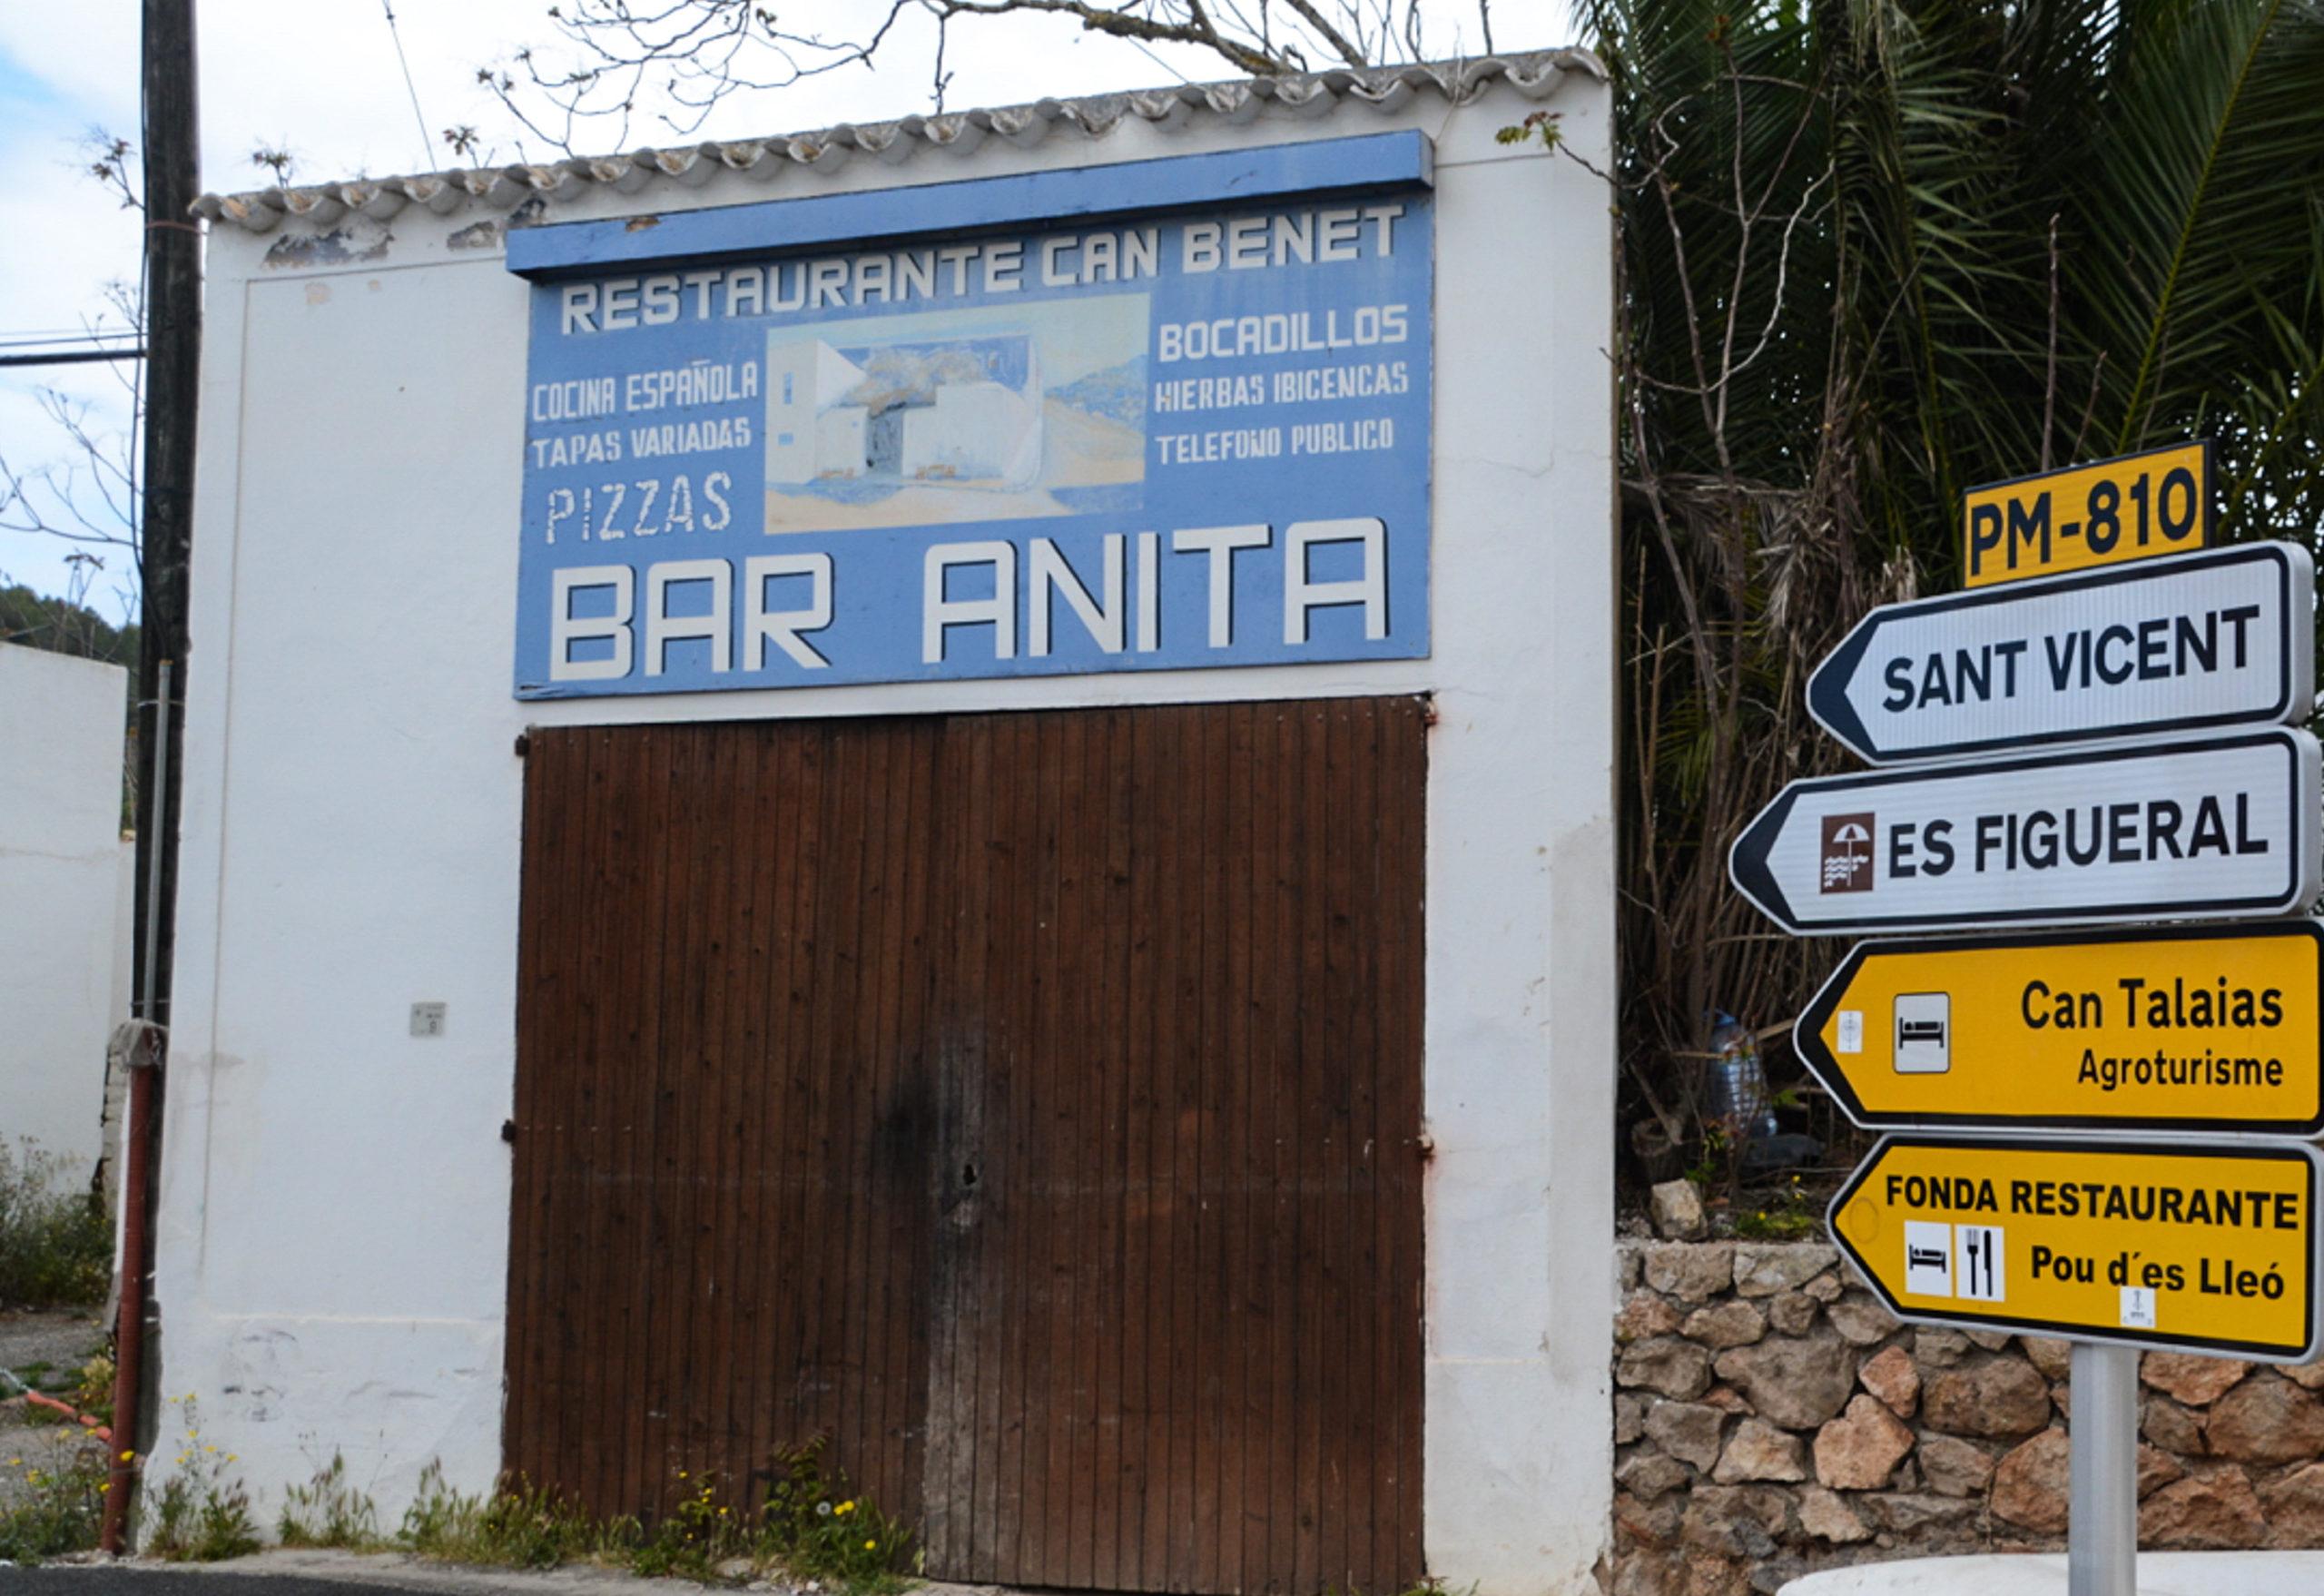 Hippielegende: Die Bar Anita auf Ibiza